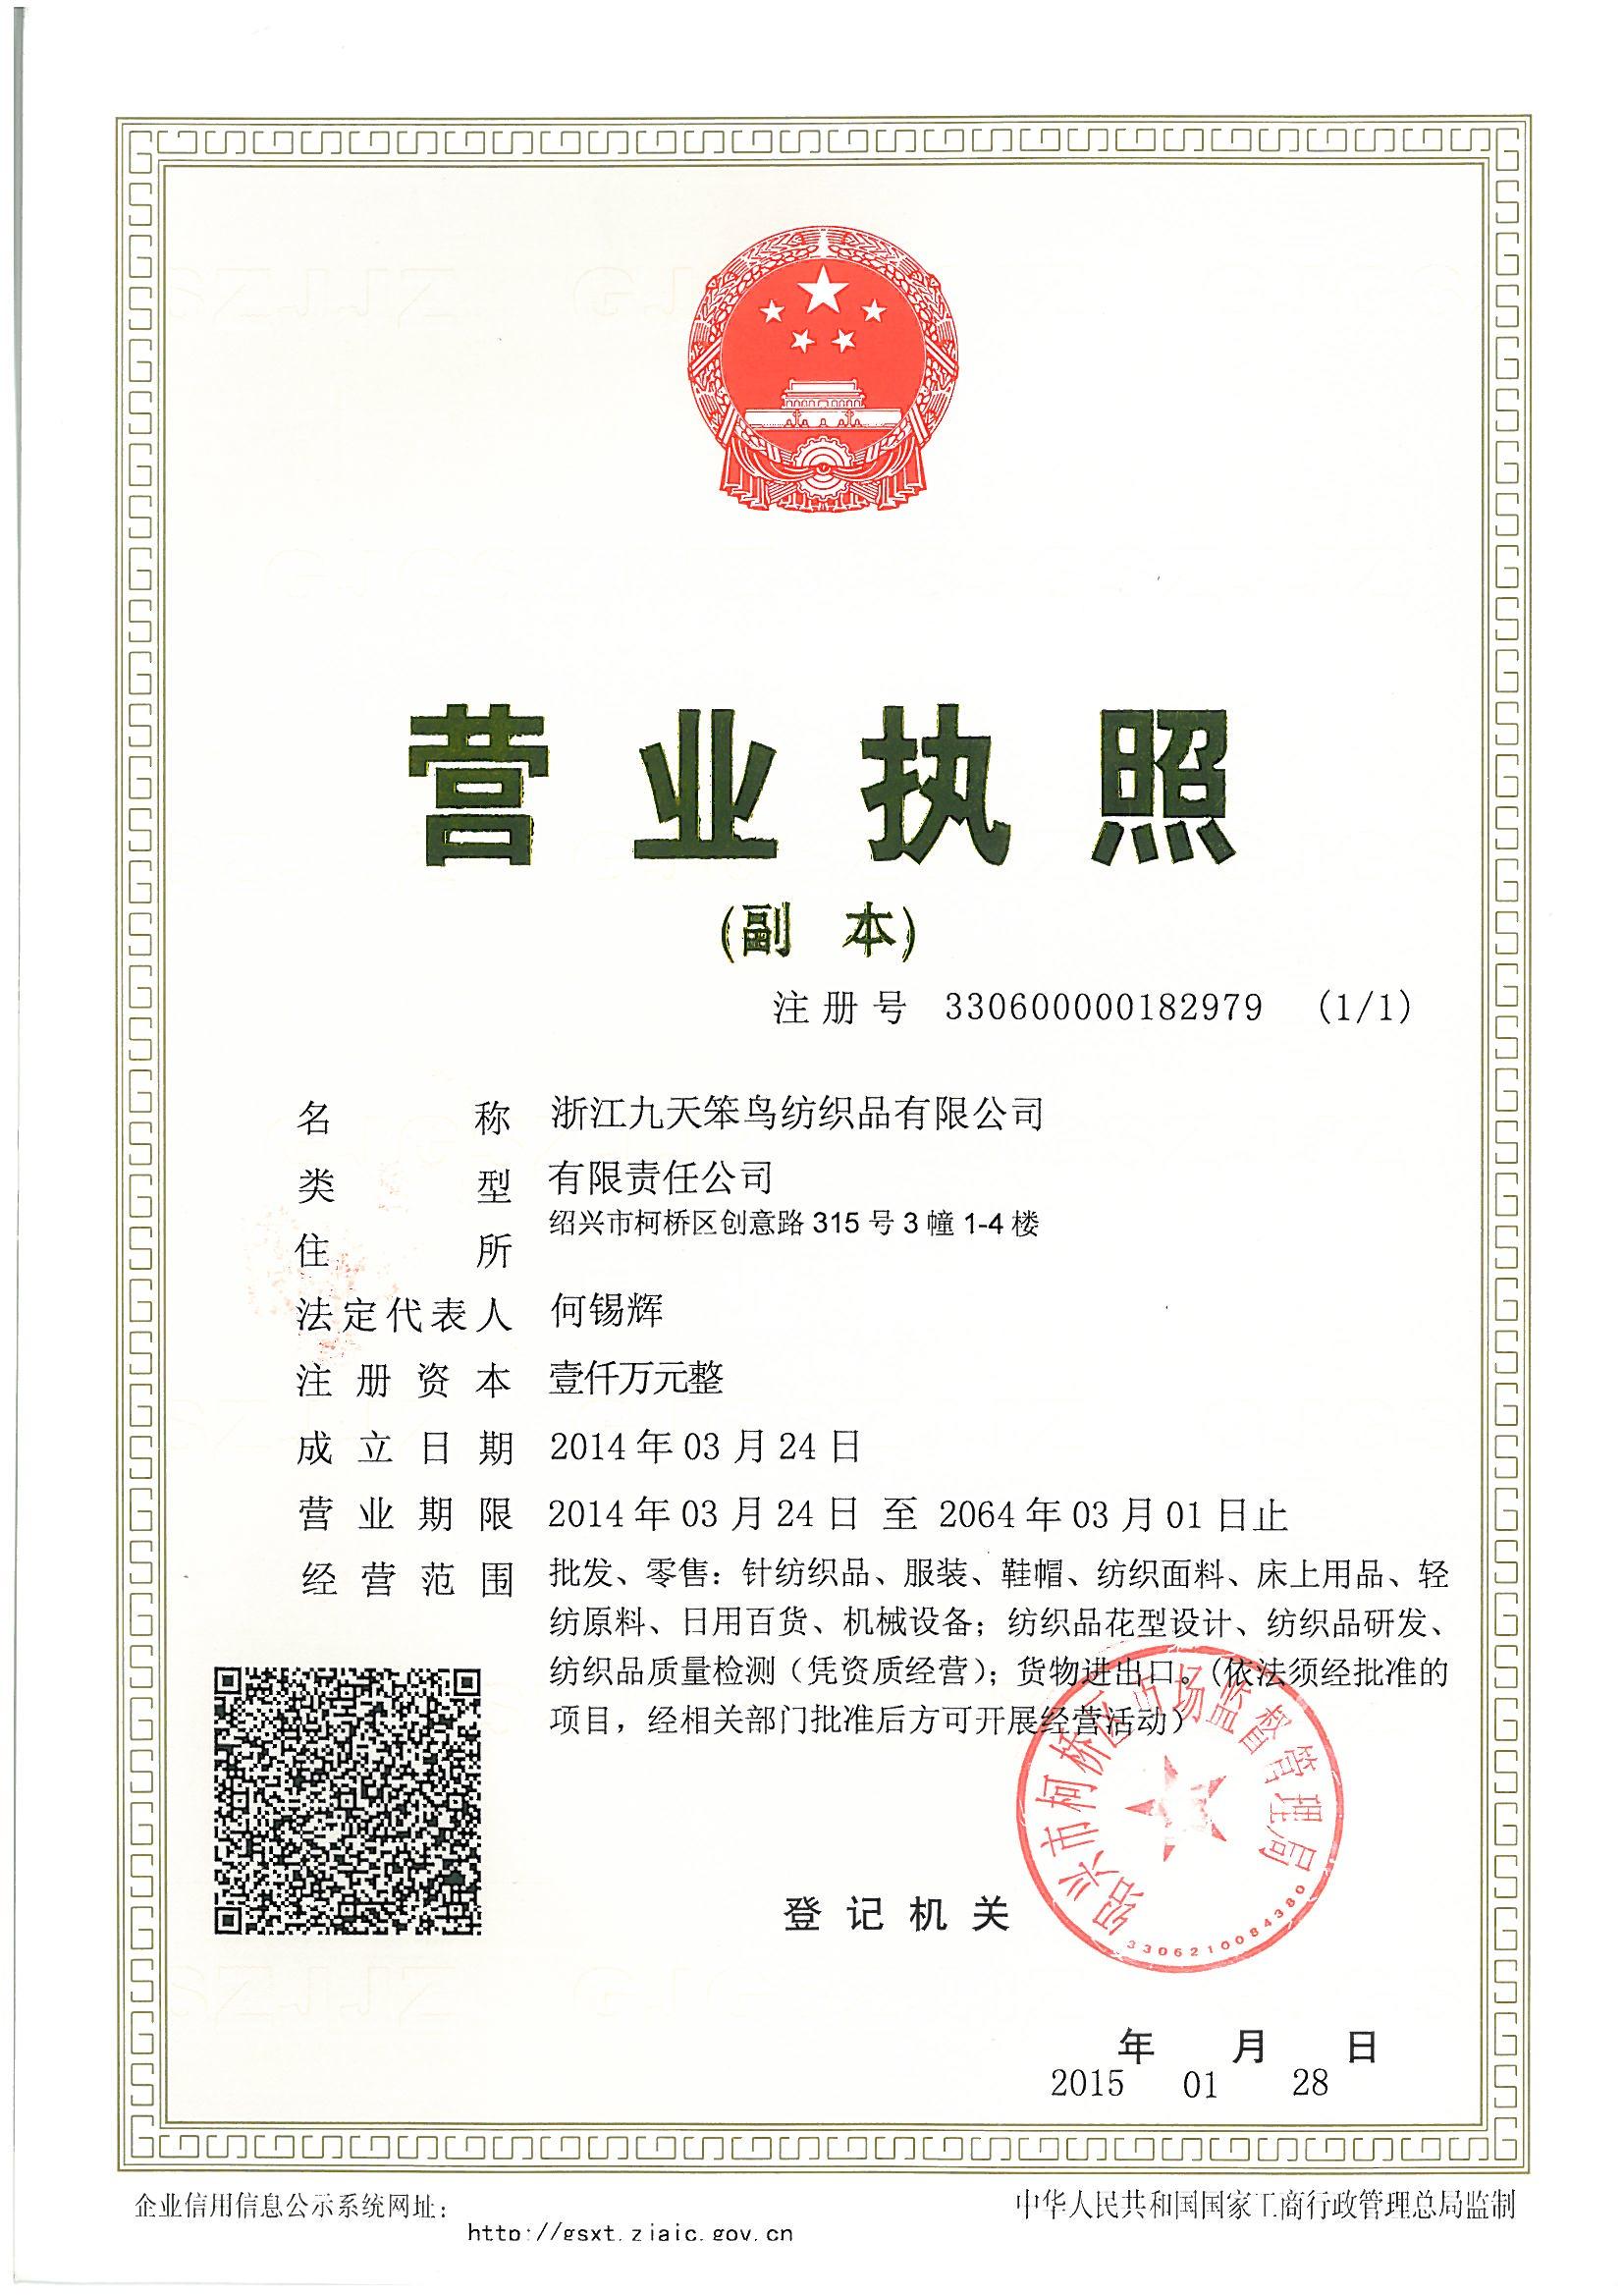 浙江凤凰庄纺织品有限公司企业档案